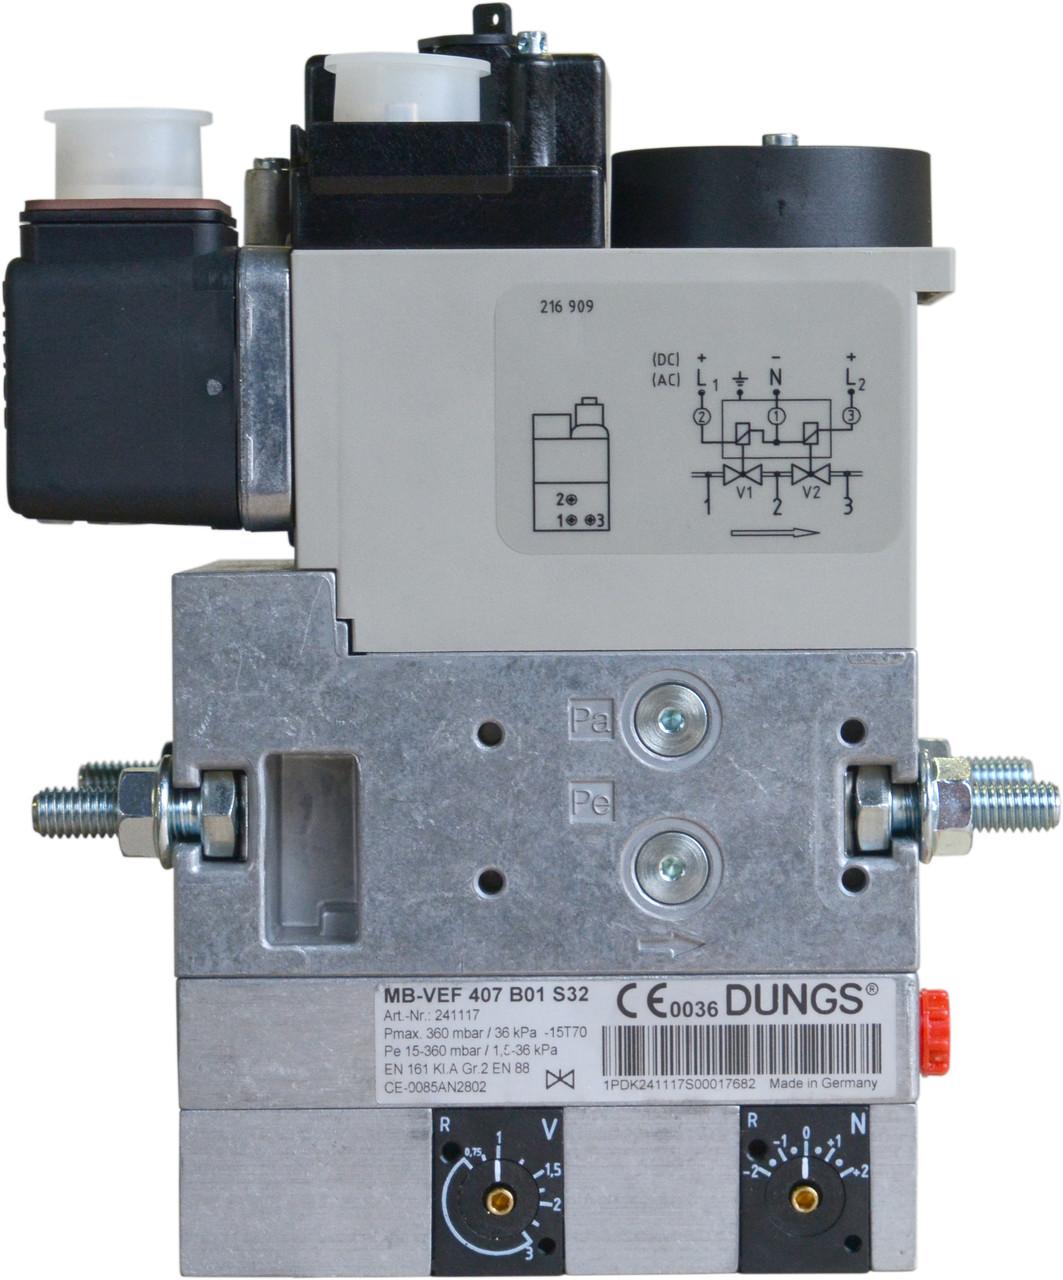 Газовый мультиблок Dungs MB-VEF 412 B01 S12  арт. №247322